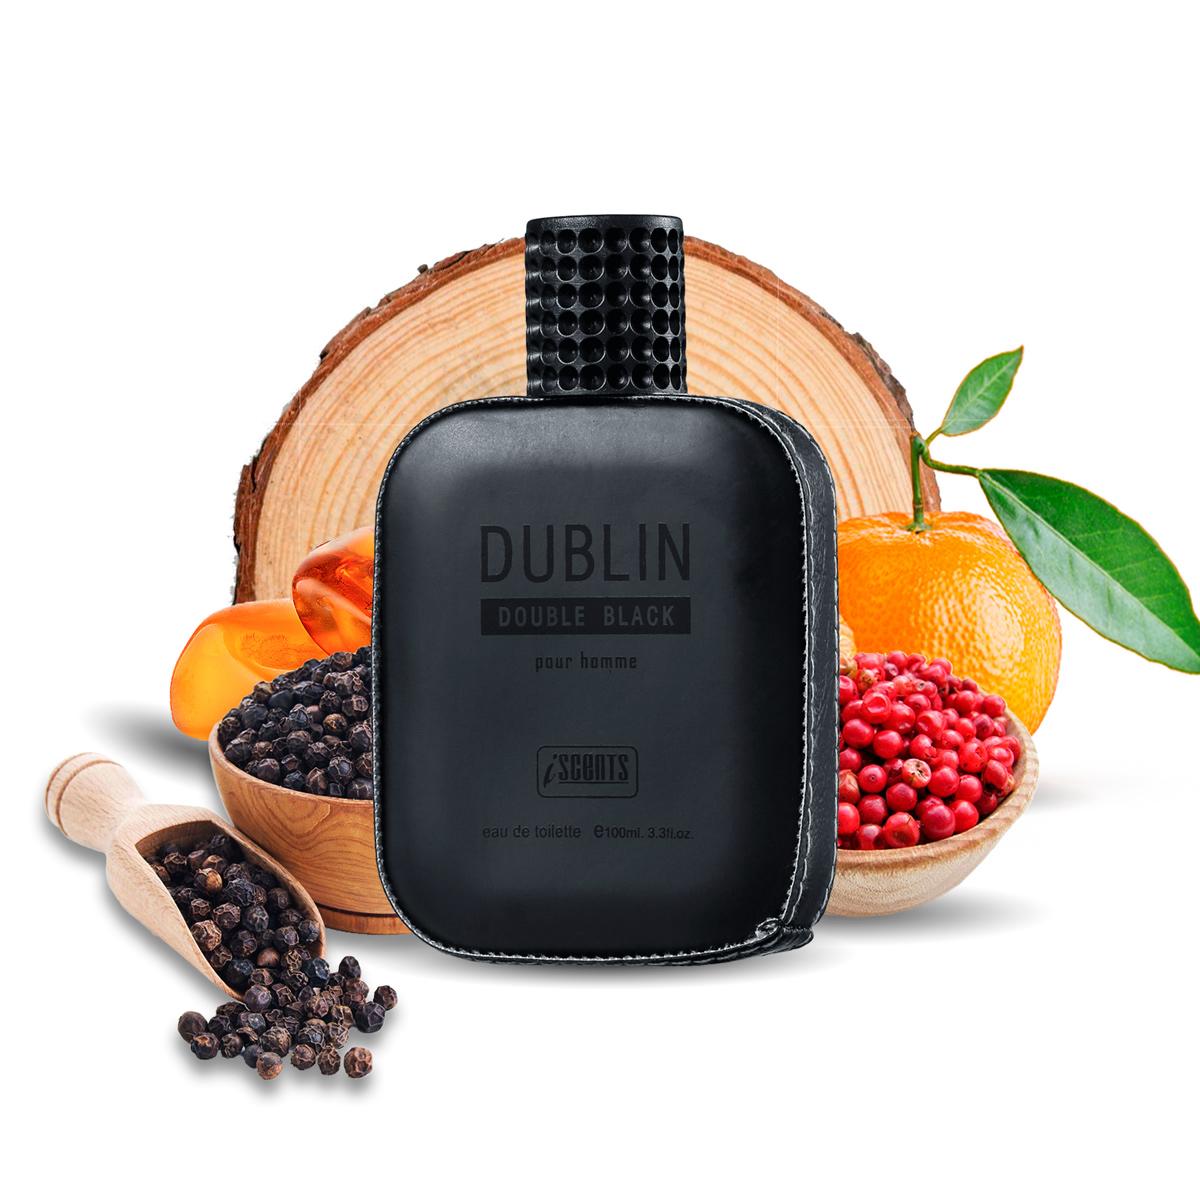 Kit 2 Perfumes Importados Buzz e Dublin I Scents